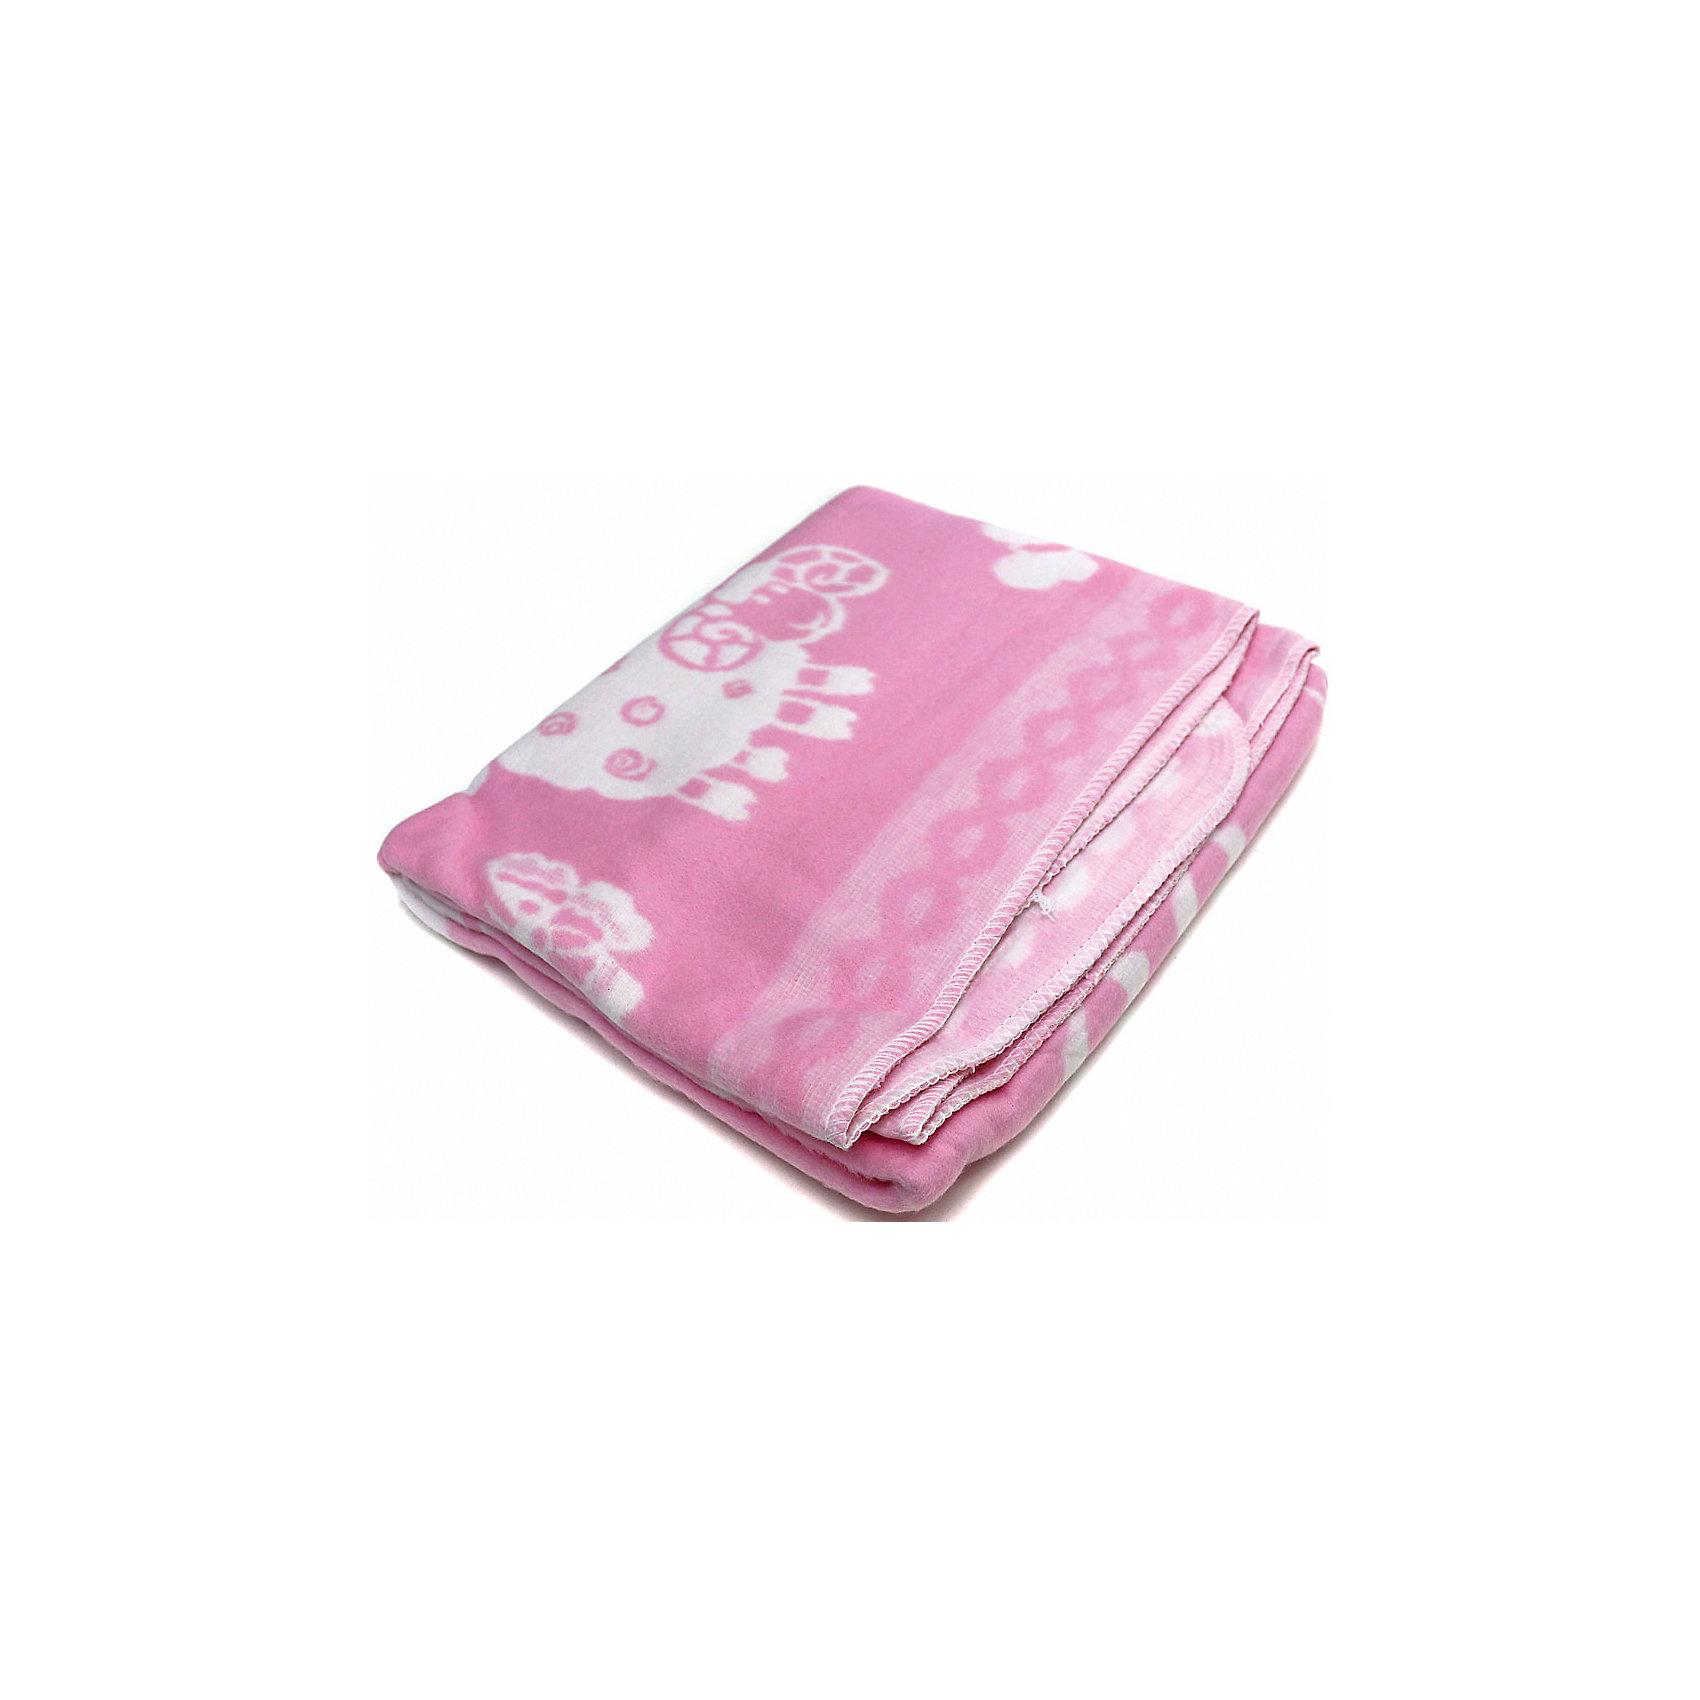 Байковое одеяло 100х118 см., Топотушки, розовыйБайковое одеяло 100х118 см., Топотушки, розовый<br><br>Характеристики:<br><br>-Размер: 100х118 см<br>-Цвет: розовый<br>-Материал: отбеленная и крашеная пряжа, 100% хлопок<br><br>Байковое одеяло 100х118 см., Топотушки, розовый согреет вашего ребёнка в холодное время года. Одеяло выполнено из 100% хлопка и не вызовет аллергическую реакцию. В одеяло можно запеленать ребёнку, благодаря его размеру. Оно мягкое и приятное на ощупь, поэтому сделает сон вашего ребёнка еще комфортнее. <br><br>Байковое одеяло 100х118 см., Топотушки, розовый можно приобрести в нашем интернет-магазине.<br><br>Ширина мм: 350<br>Глубина мм: 310<br>Высота мм: 30<br>Вес г: 580<br>Возраст от месяцев: 0<br>Возраст до месяцев: 36<br>Пол: Женский<br>Возраст: Детский<br>SKU: 5086333